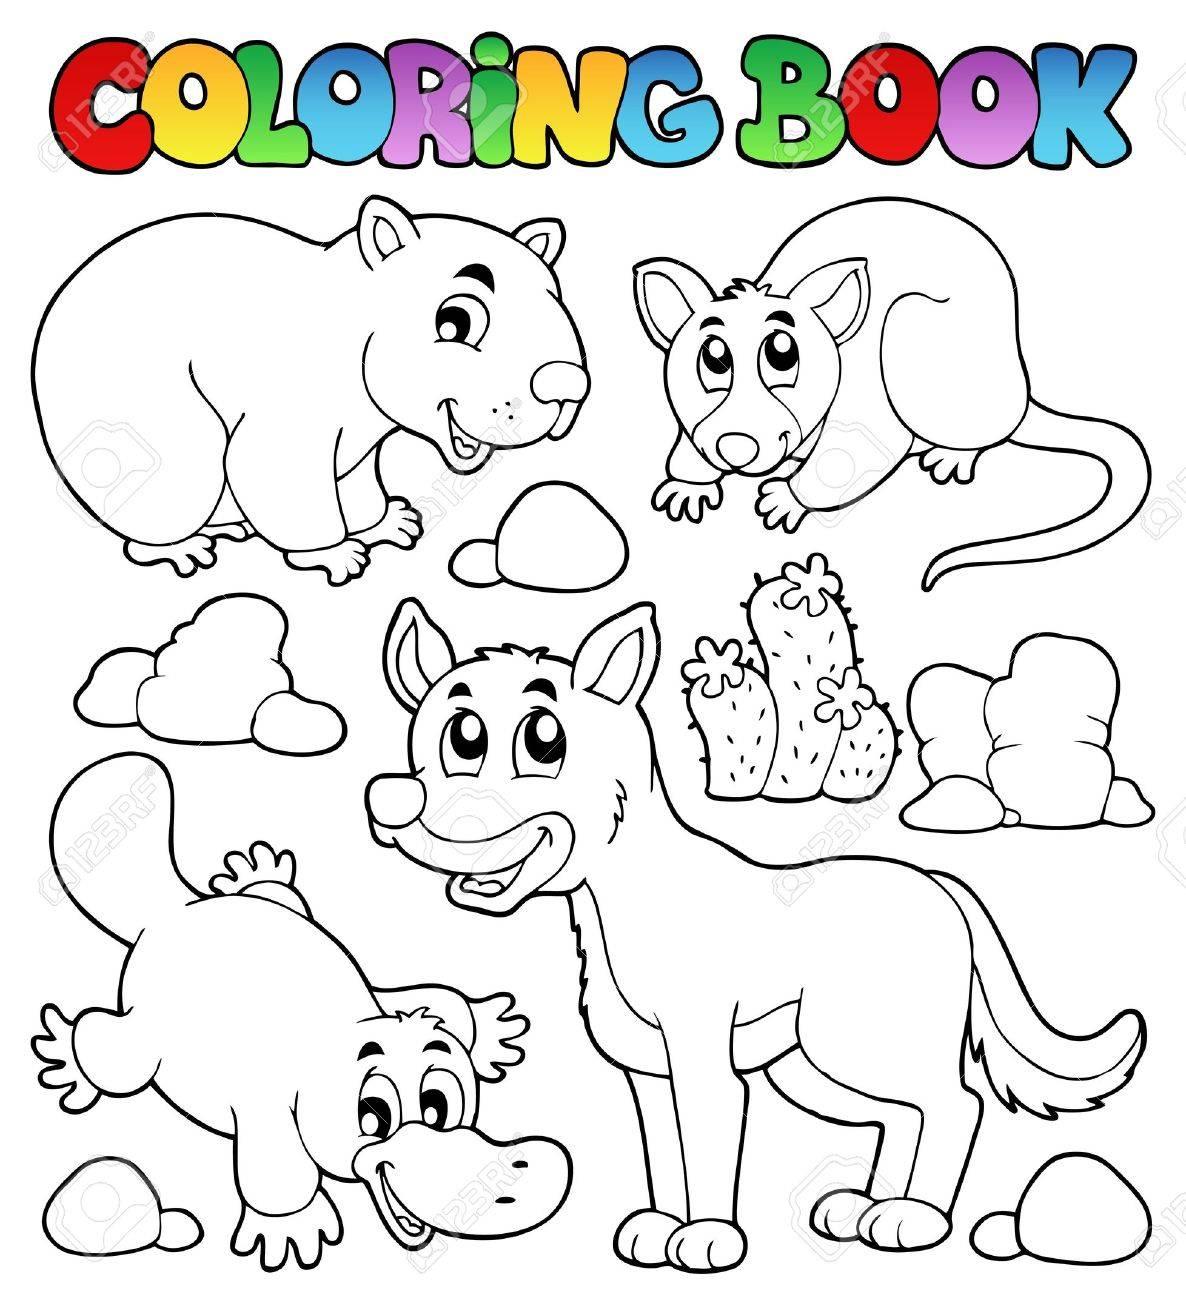 1 - のベクトル イラスト本オーストラリア動物を着色 ロイヤリティ